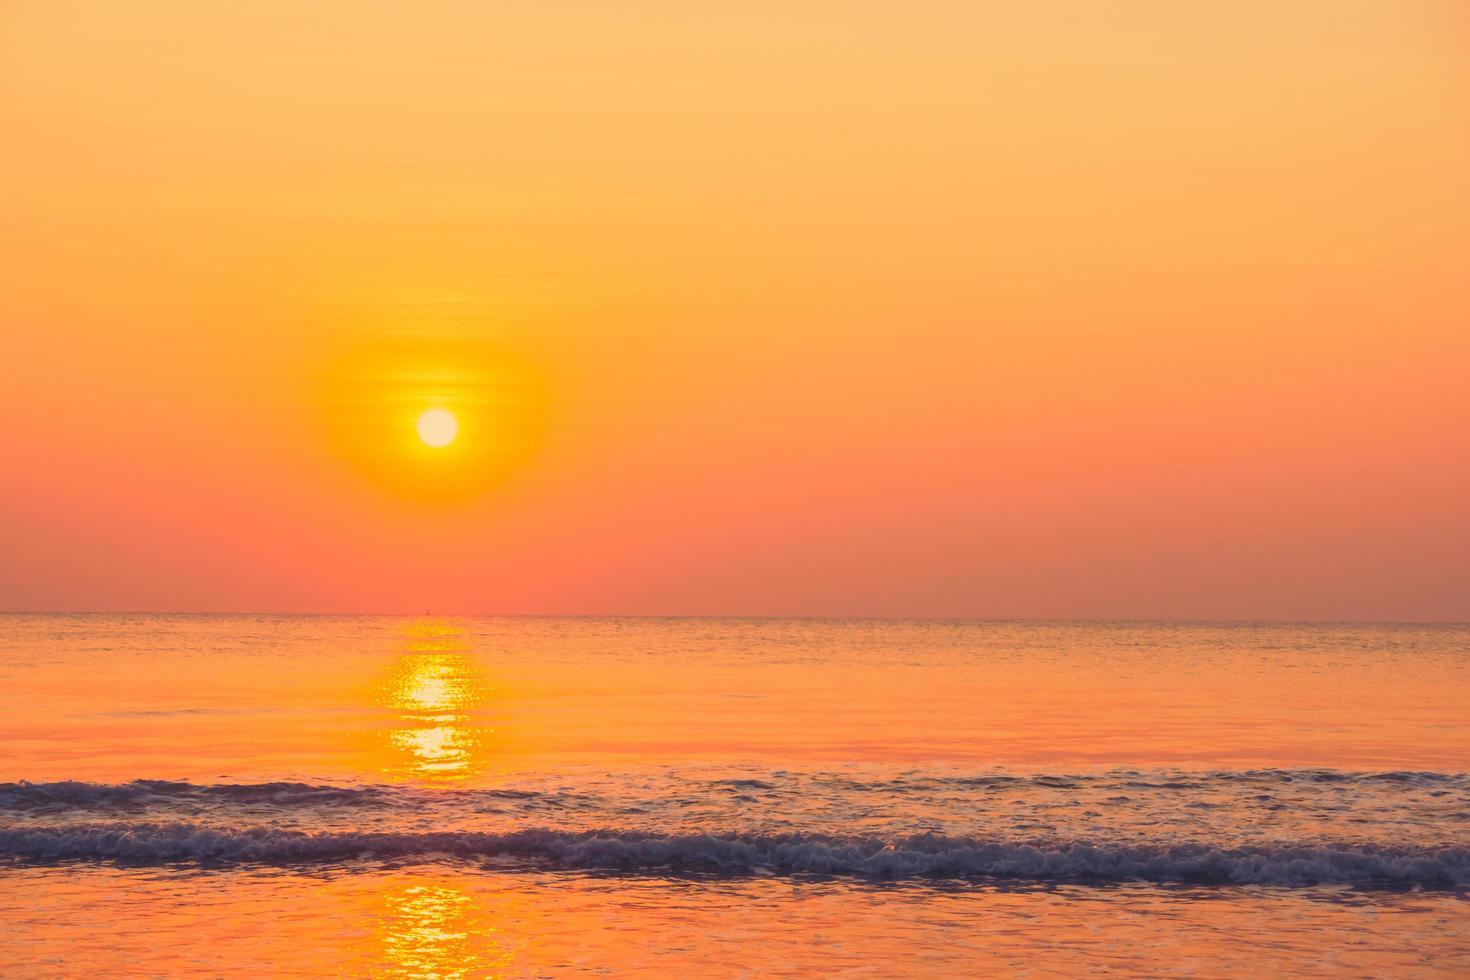 schöner Sonnenaufgang am Strand foto